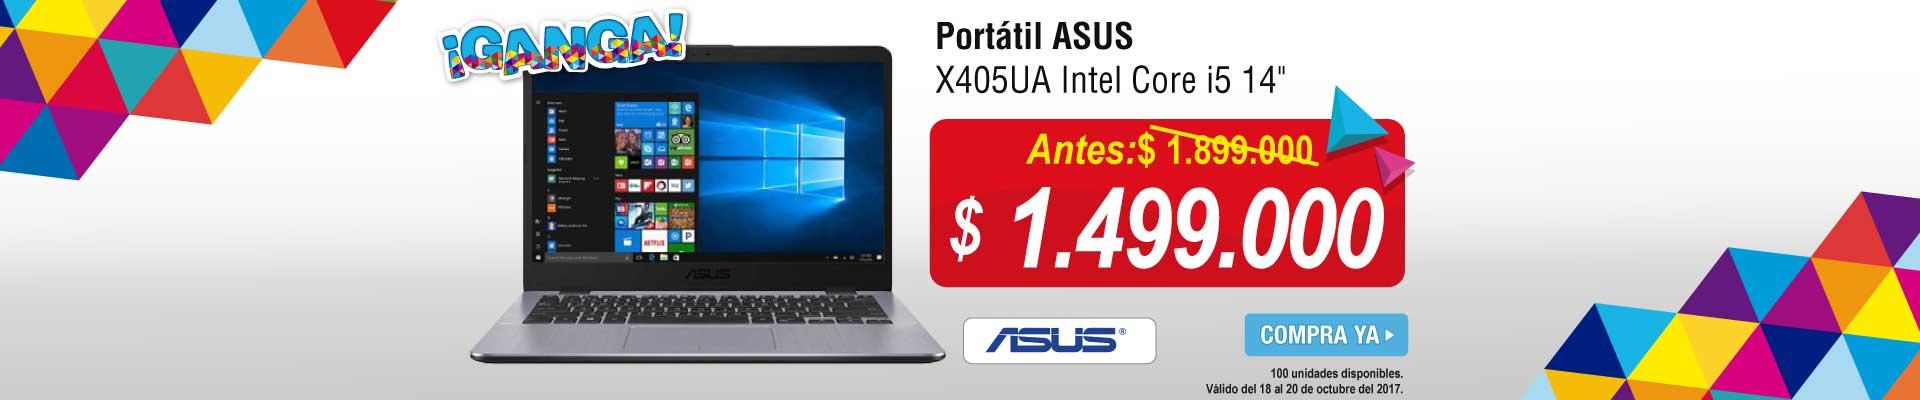 PPAL ALKP-1-computadores-Portátil ASUS X405UA-prod-octubre18-20